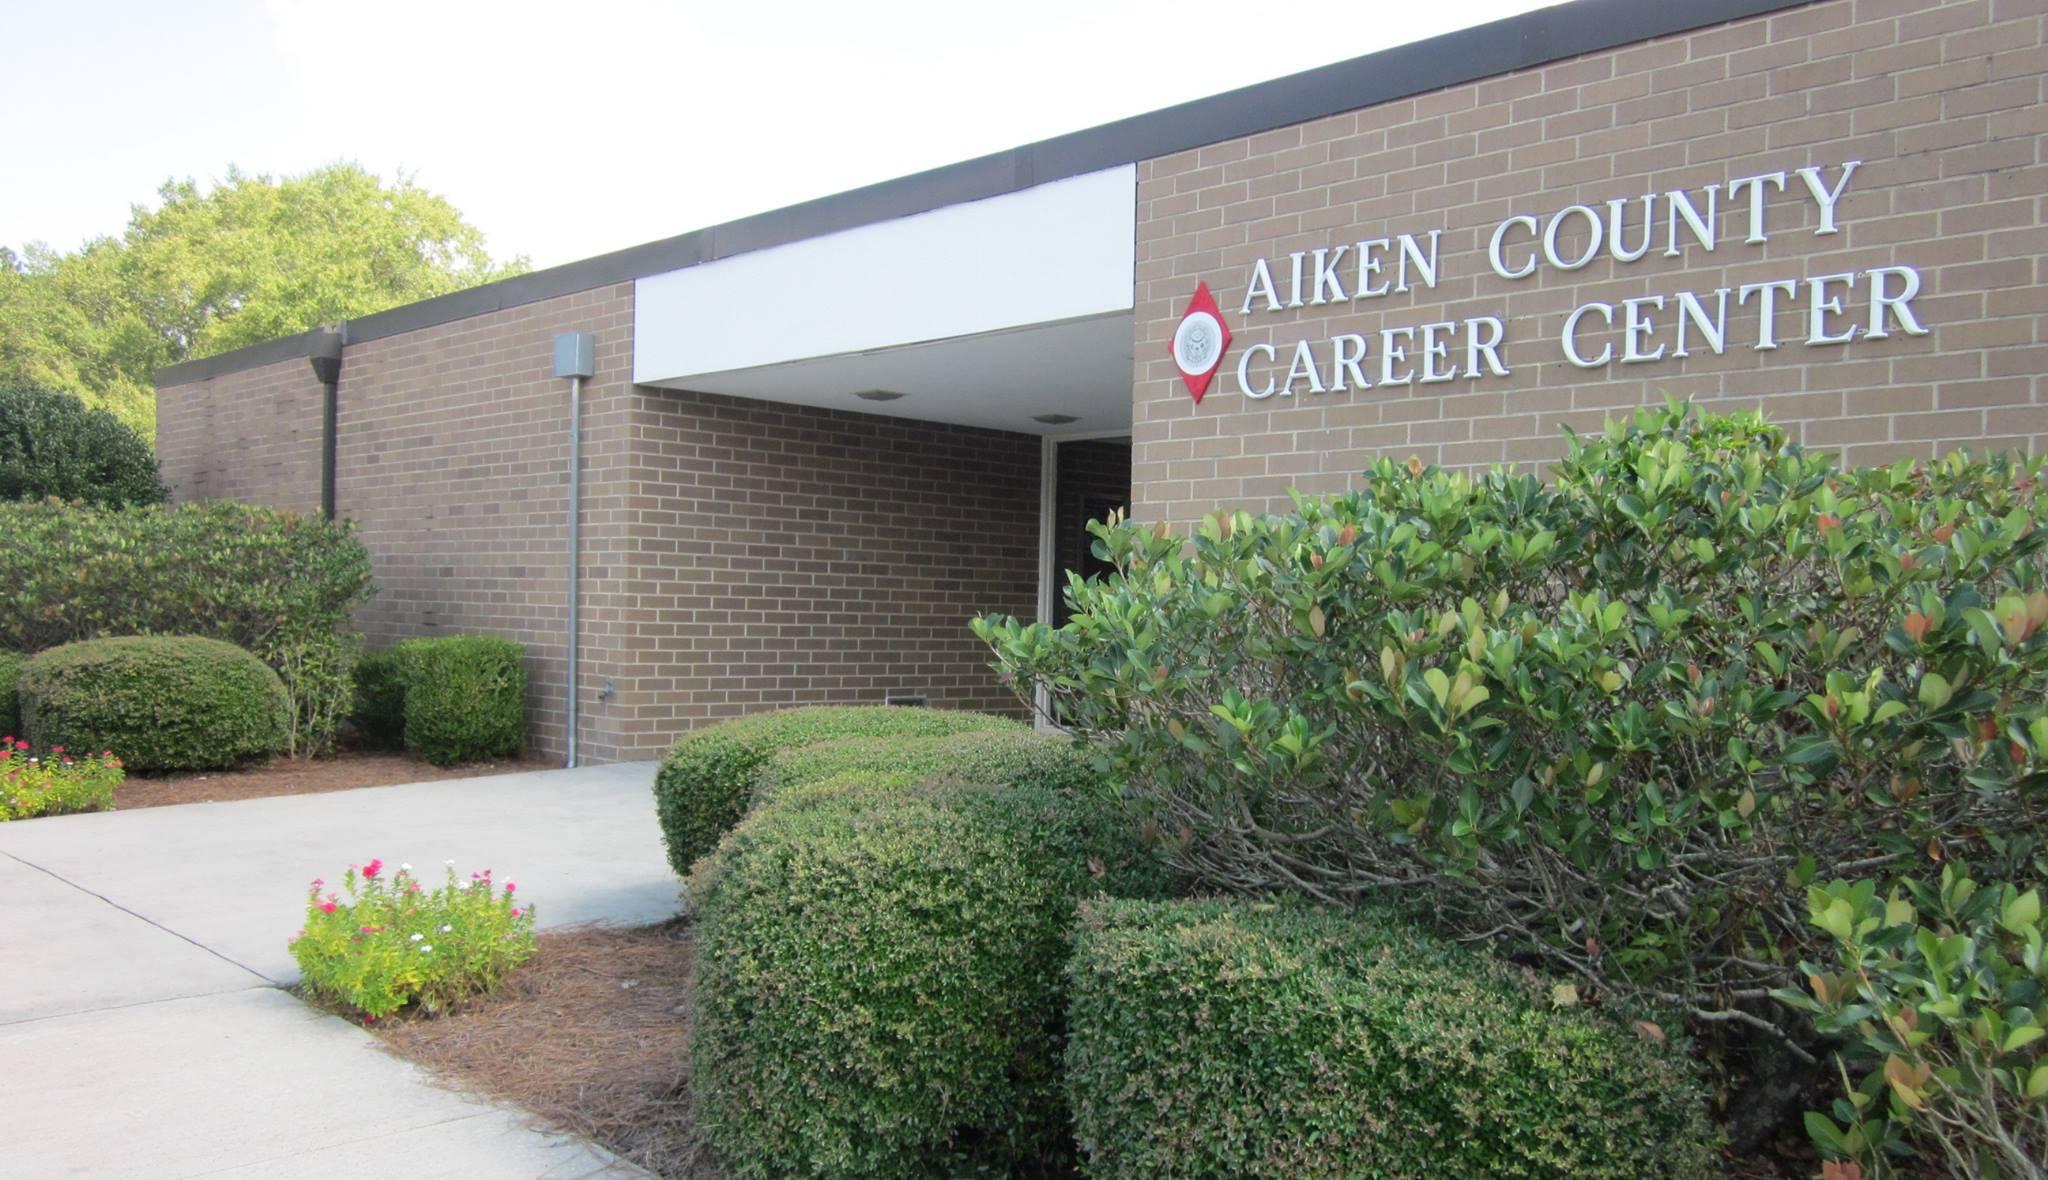 Career & Technology Center / Homepage For Aiken County Scholl Calenda